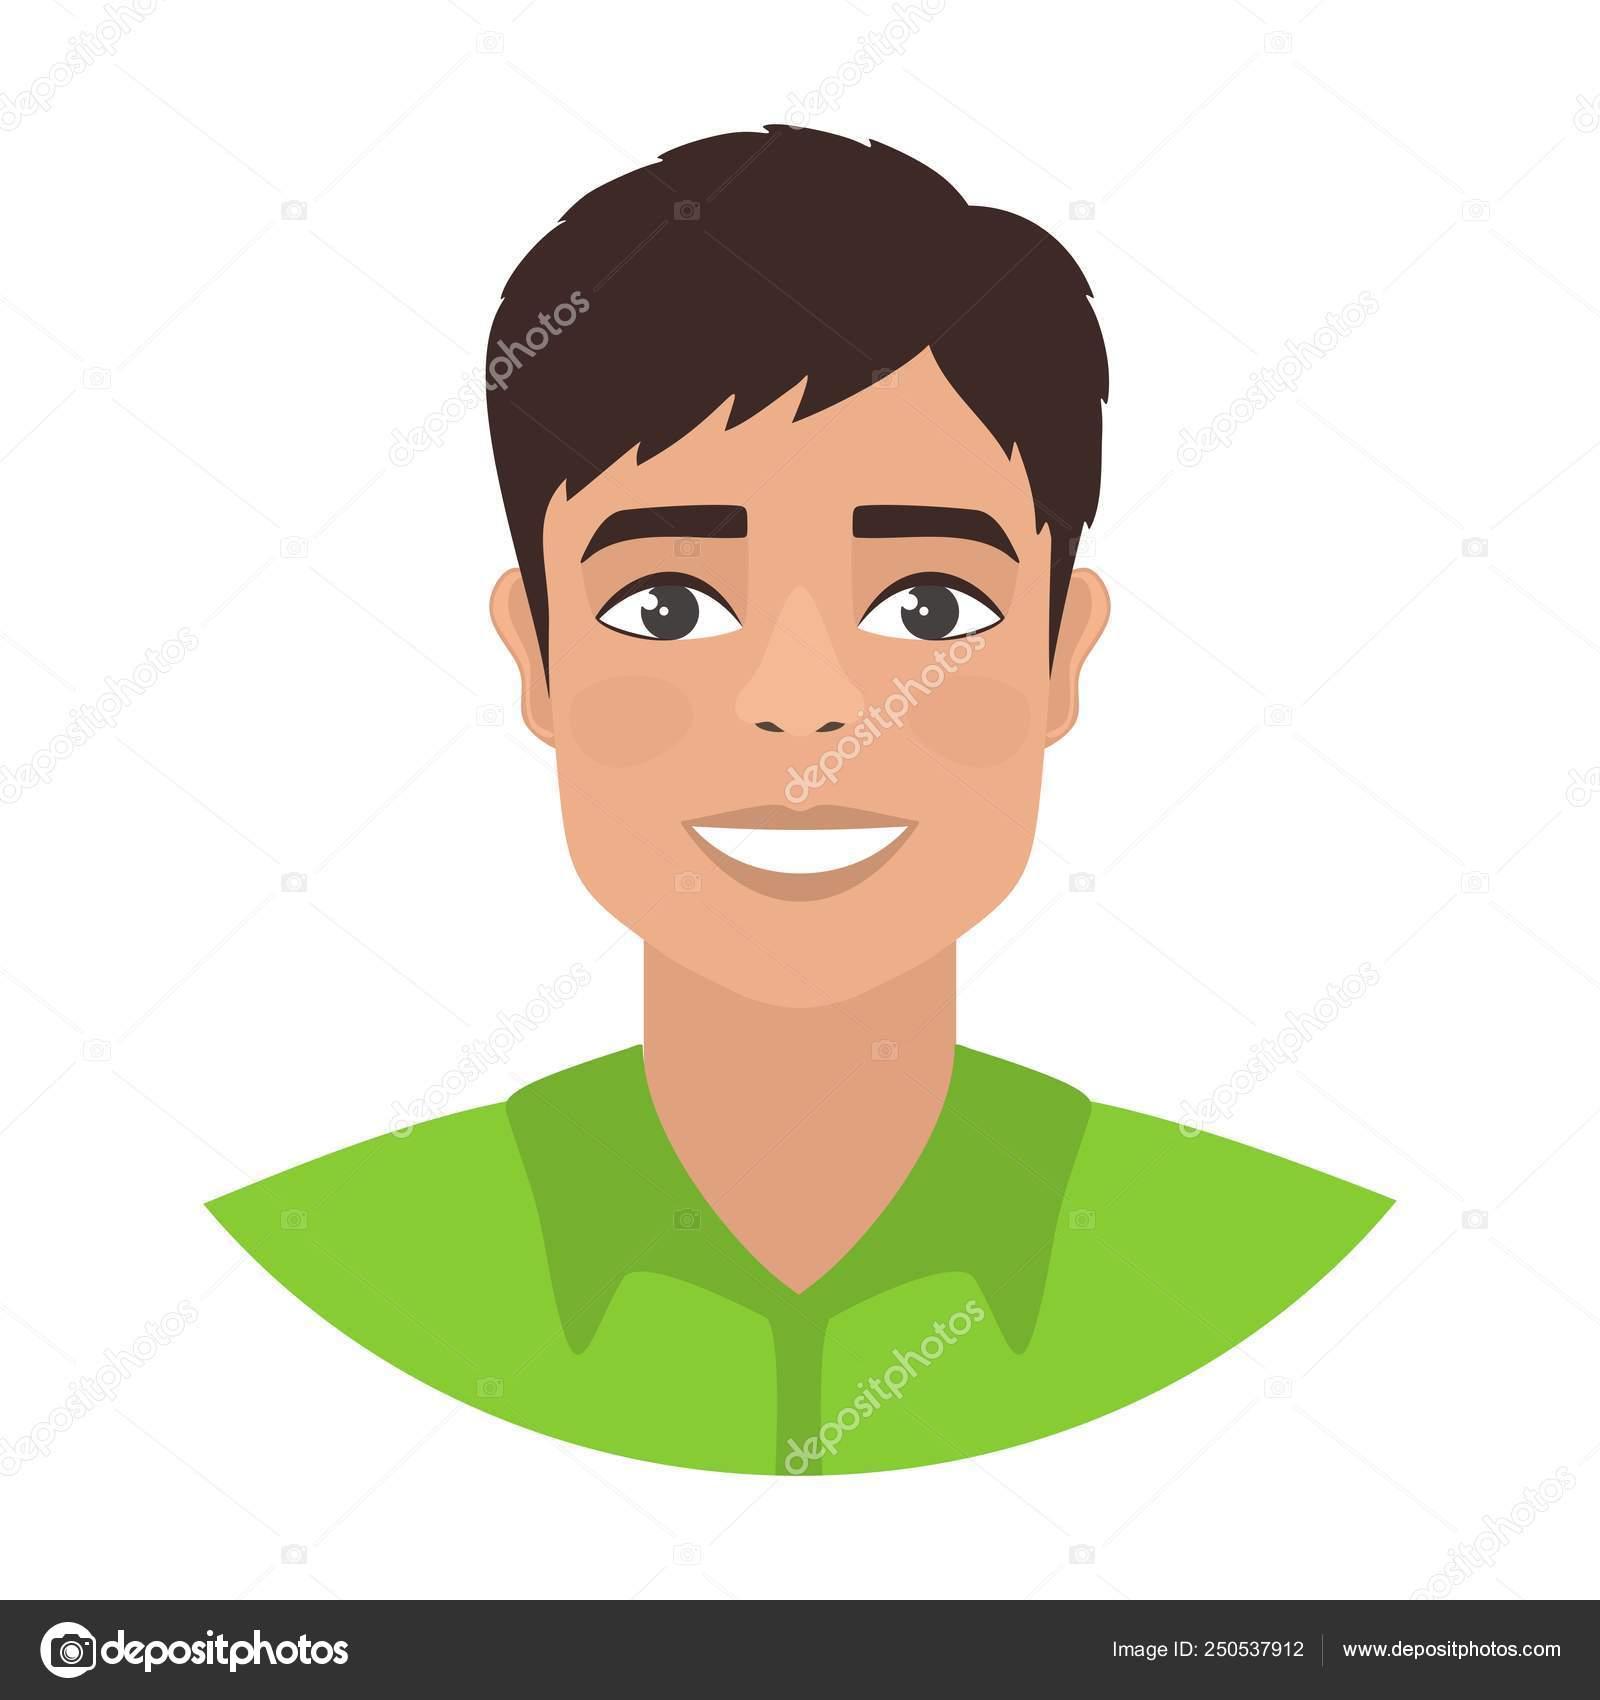 Brown Hair Boy Cartoon